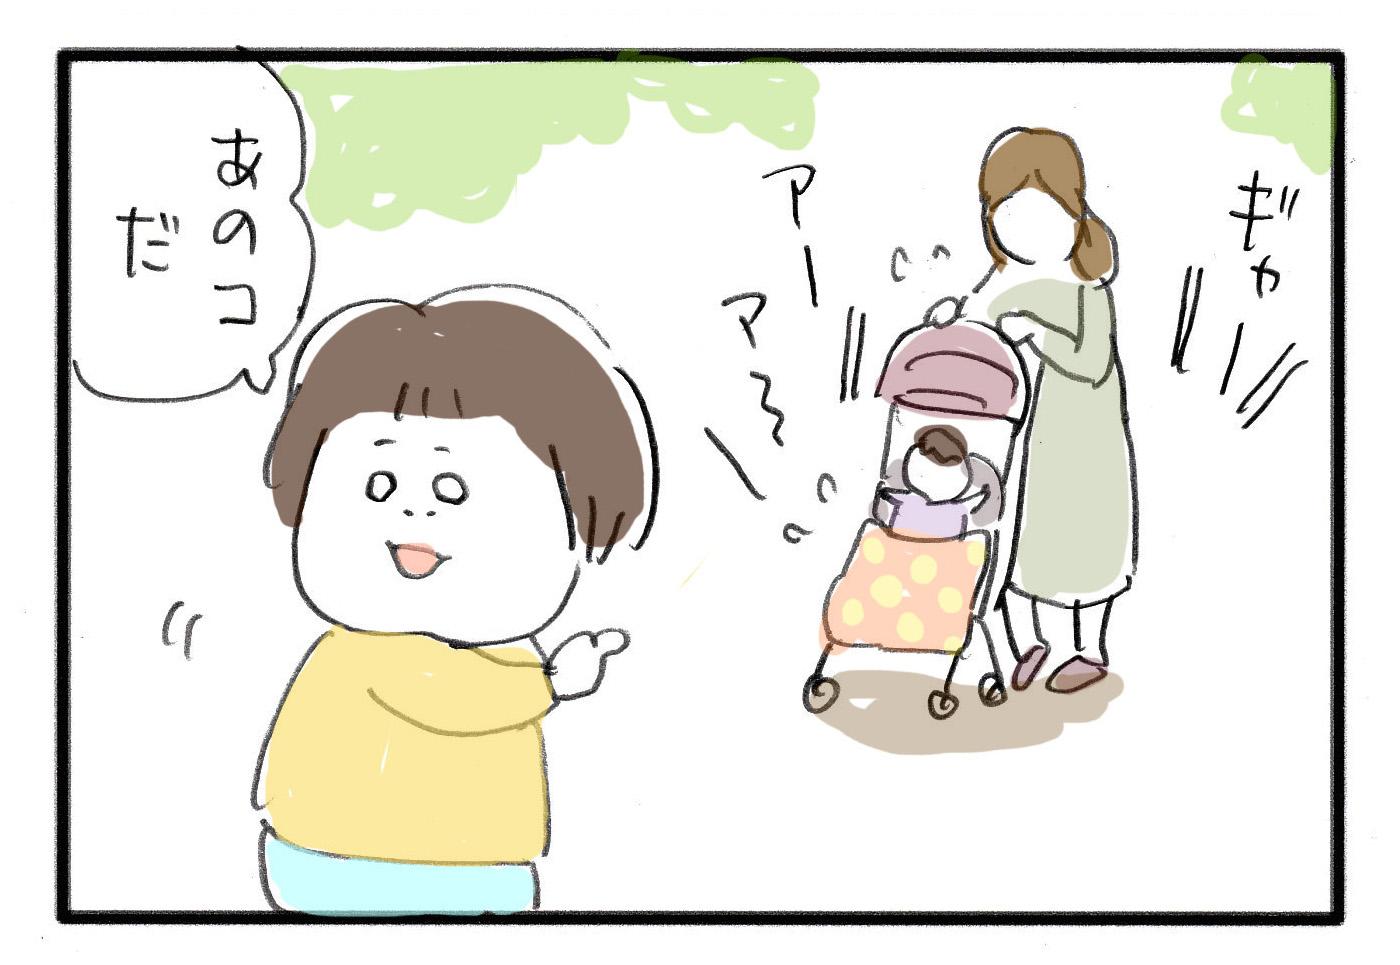 かわいいなぁ。公園で泣く赤ちゃんへの姉たちの眼差しが子育て経験者(笑)|ロイ子の3姉妹日記